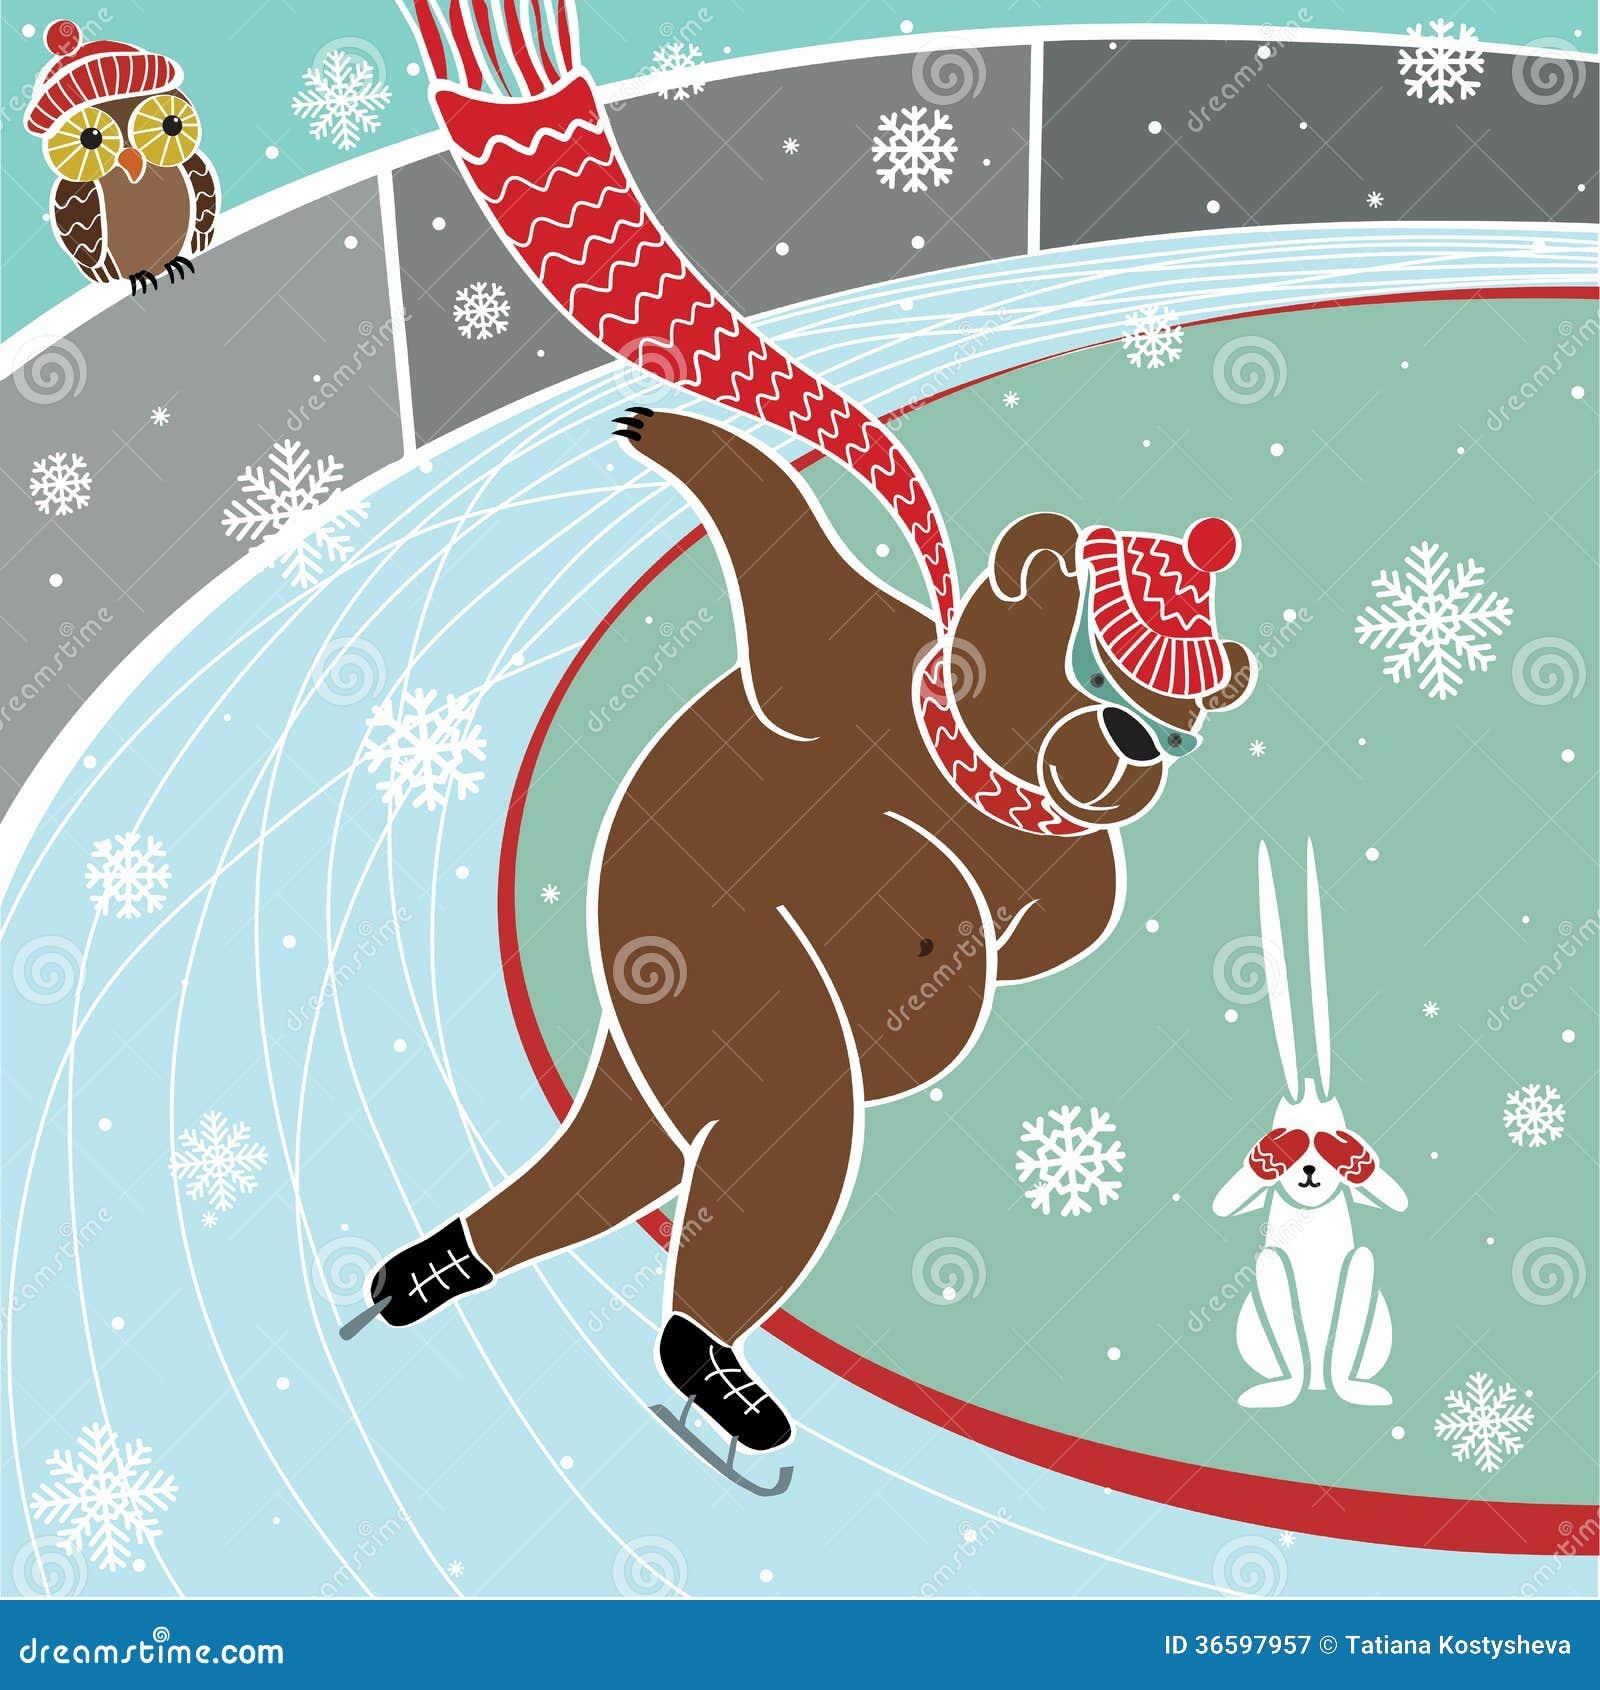 一头棕熊是短跑选手滑冰。幽默传染媒介